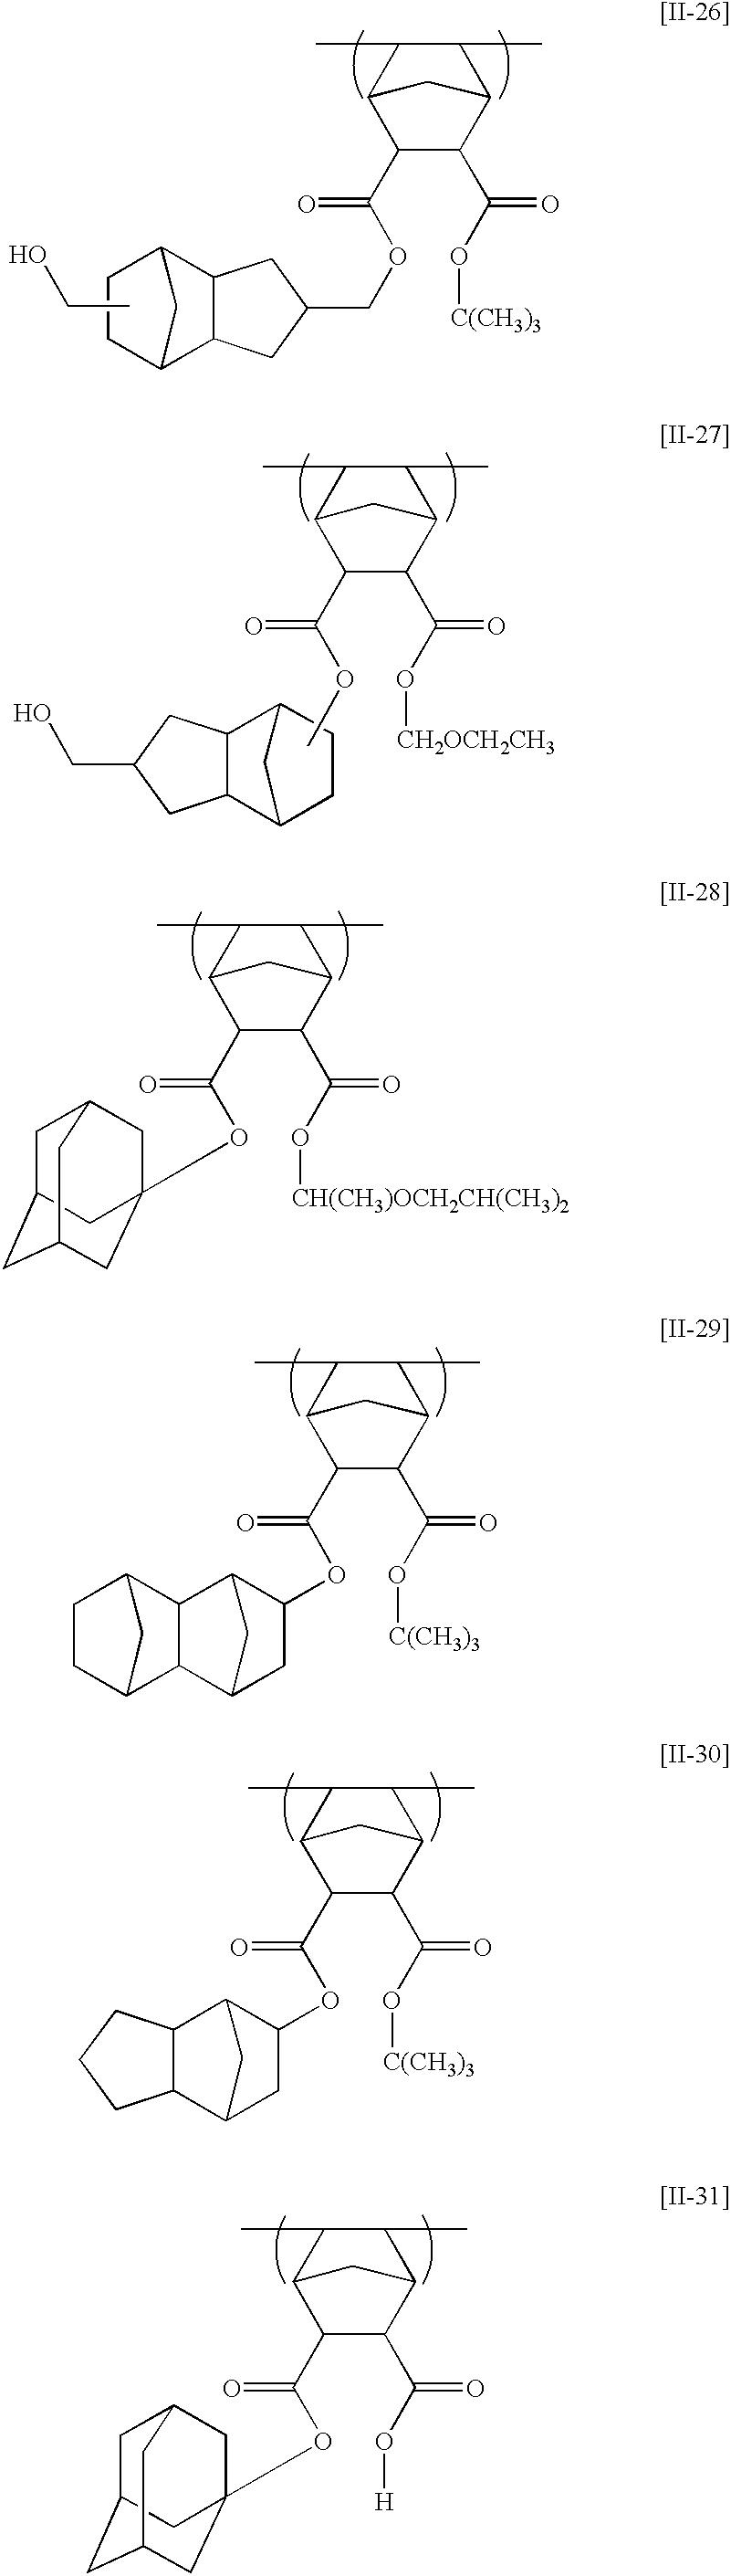 Figure US20030186161A1-20031002-C00062